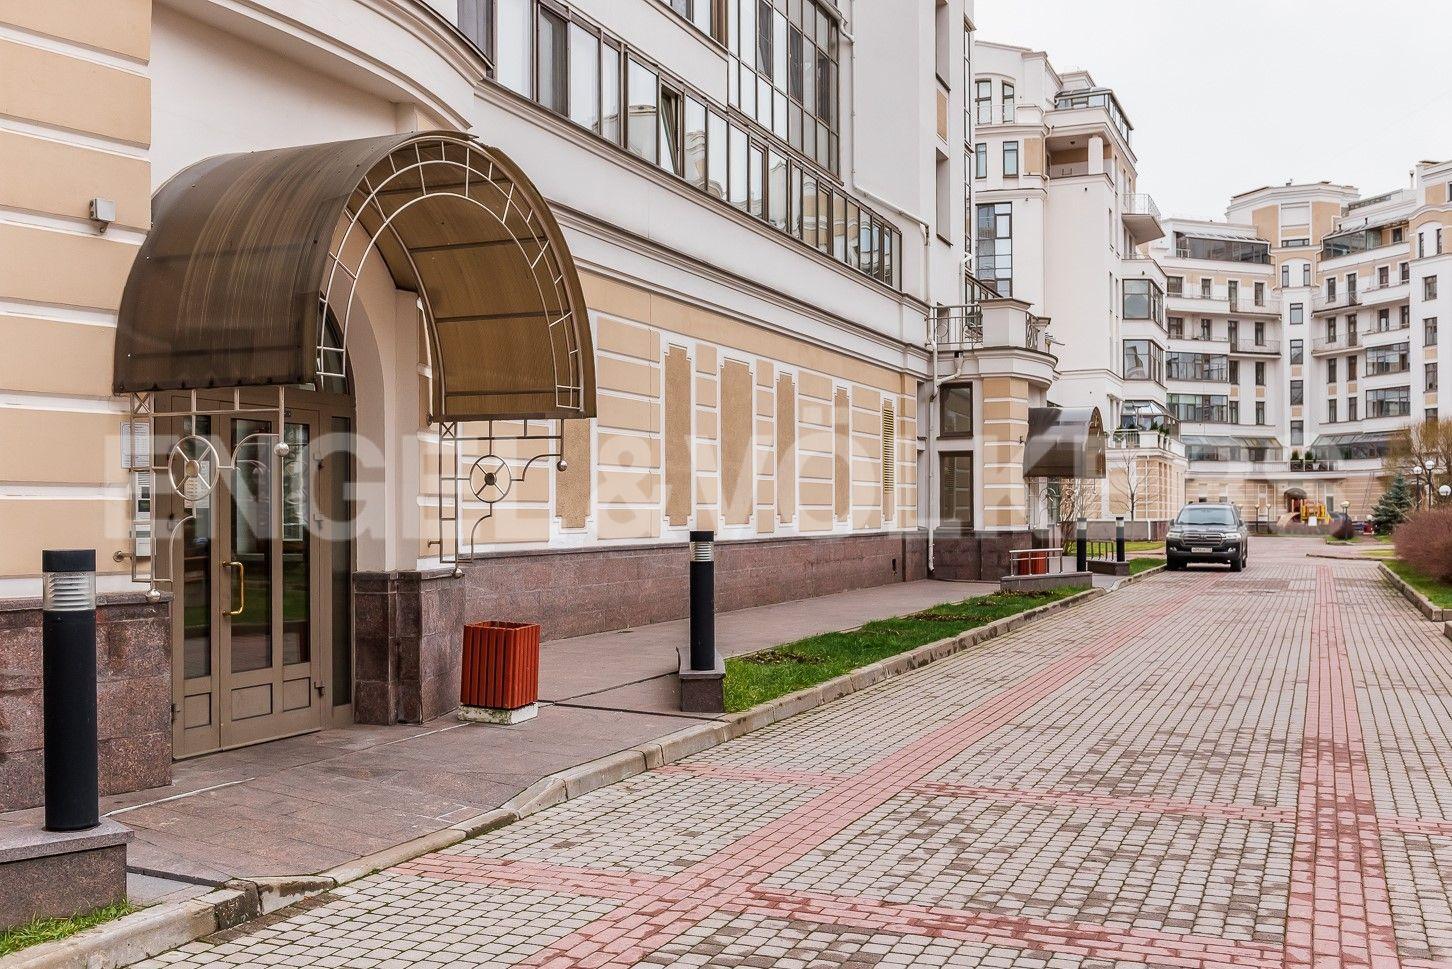 Элитные квартиры на . Санкт-Петербург, Морской пр, 33. Входная группа